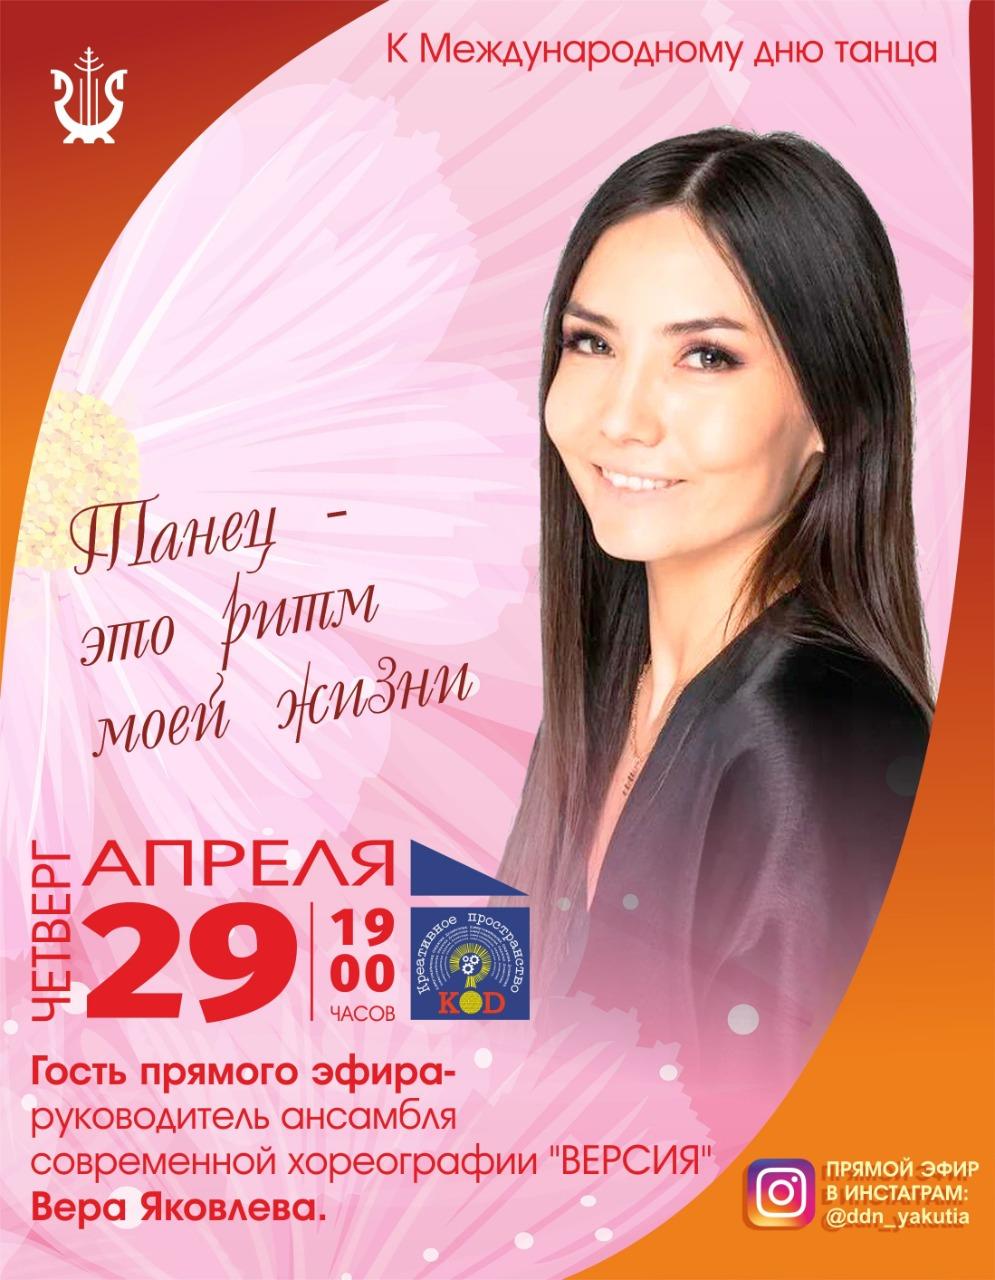 29 апреля не пропустите прямой эфир @ddn_yakutia